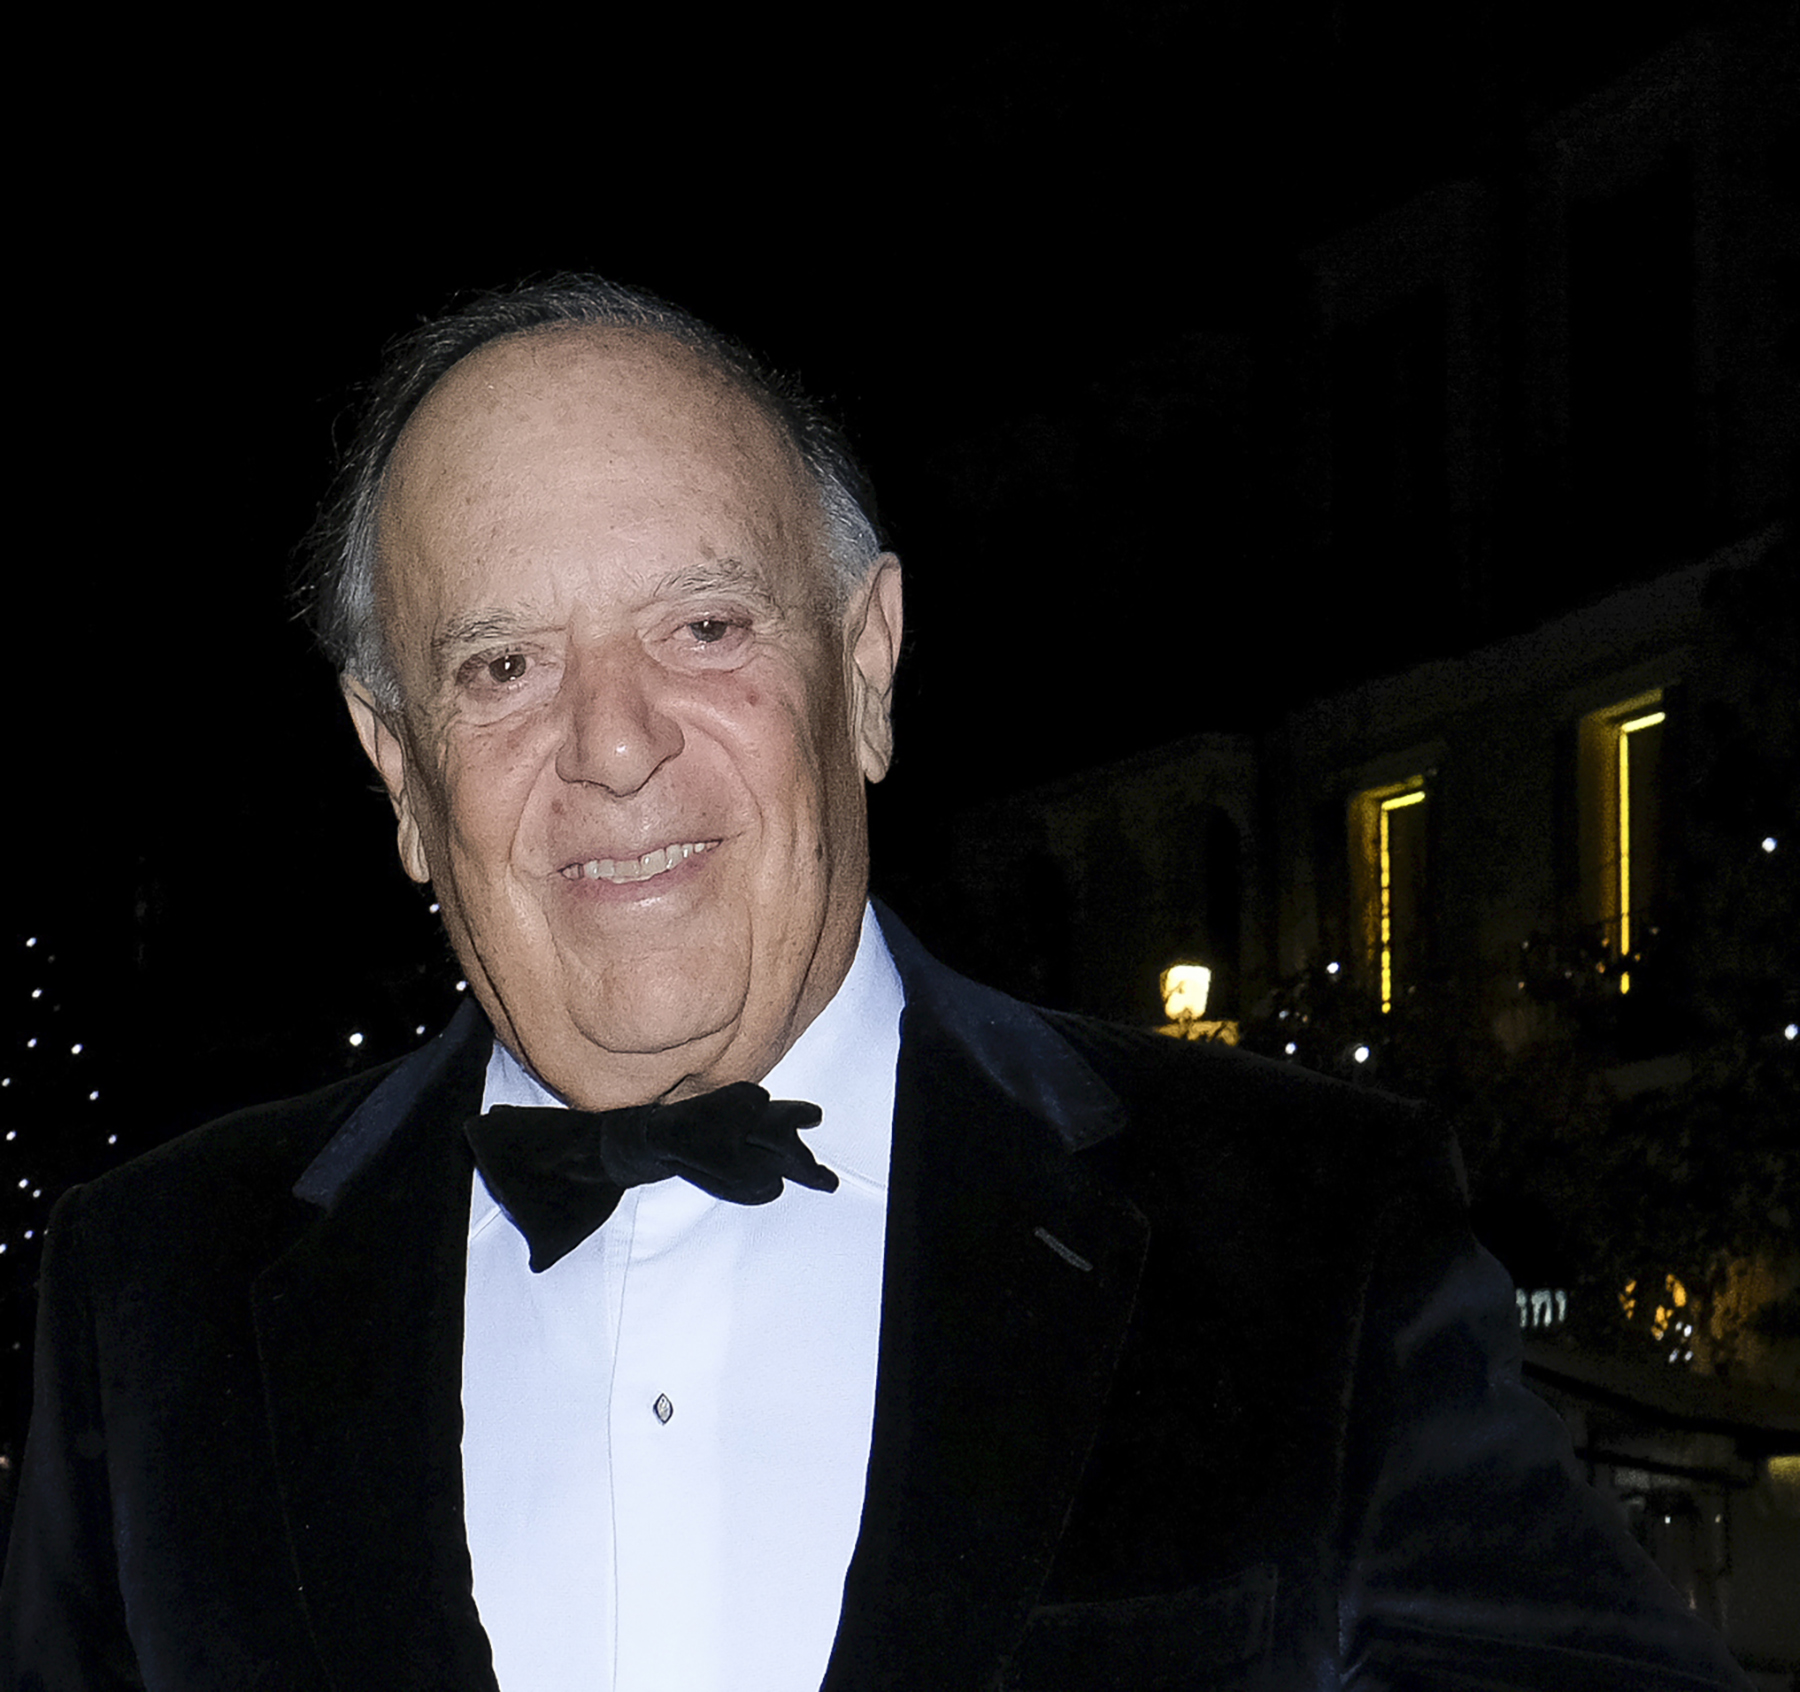 Carlos Falco